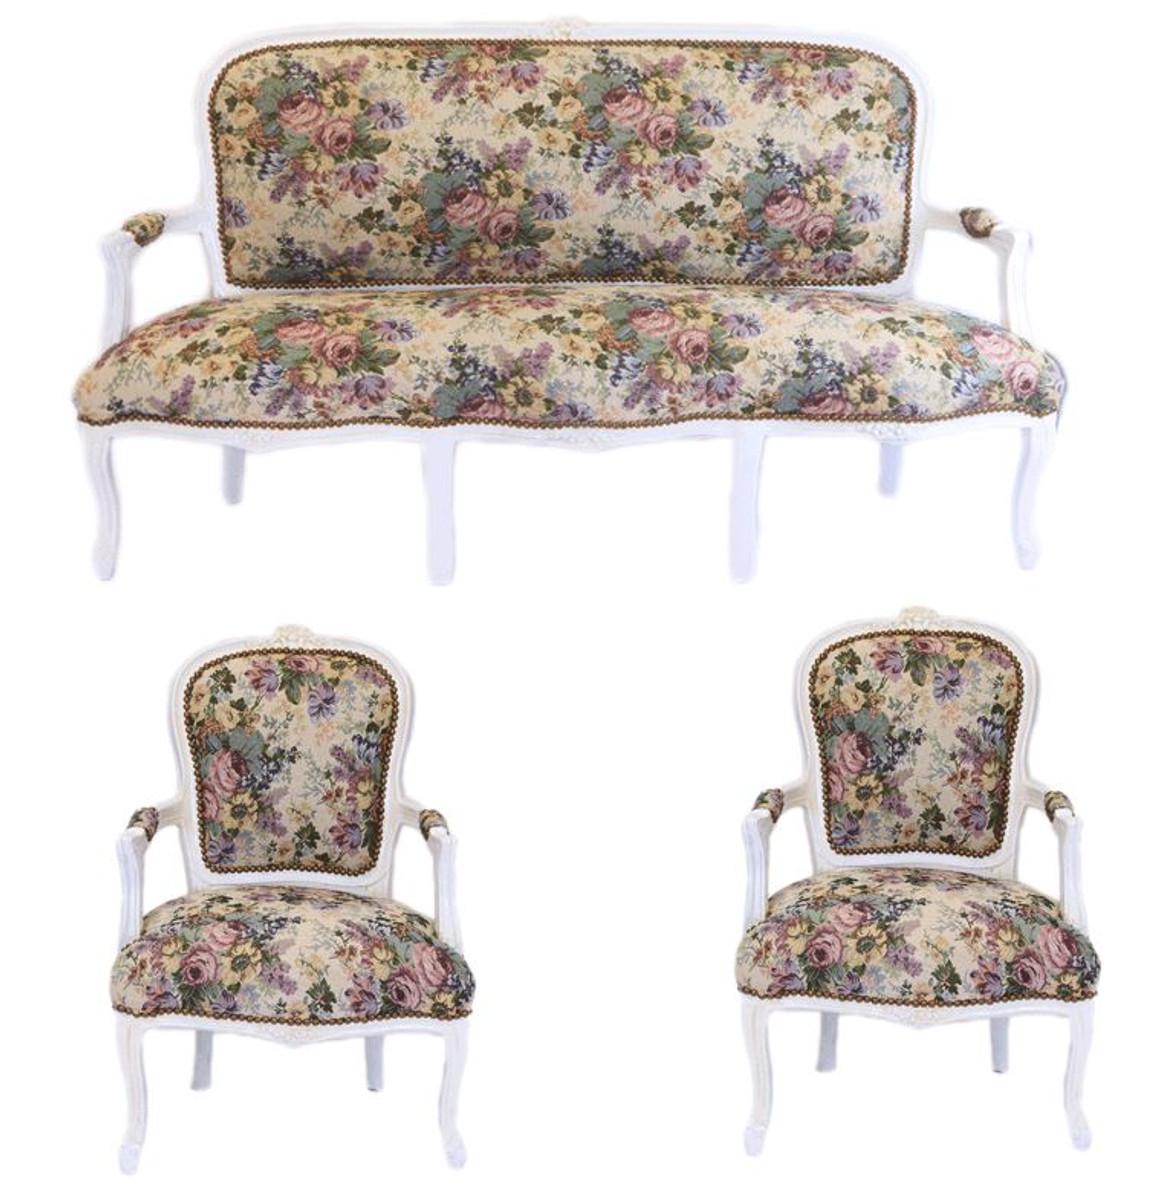 barock wohnzimmer sets aus dem hause casa padrino barock m bel luxus f r ihren salon barock. Black Bedroom Furniture Sets. Home Design Ideas